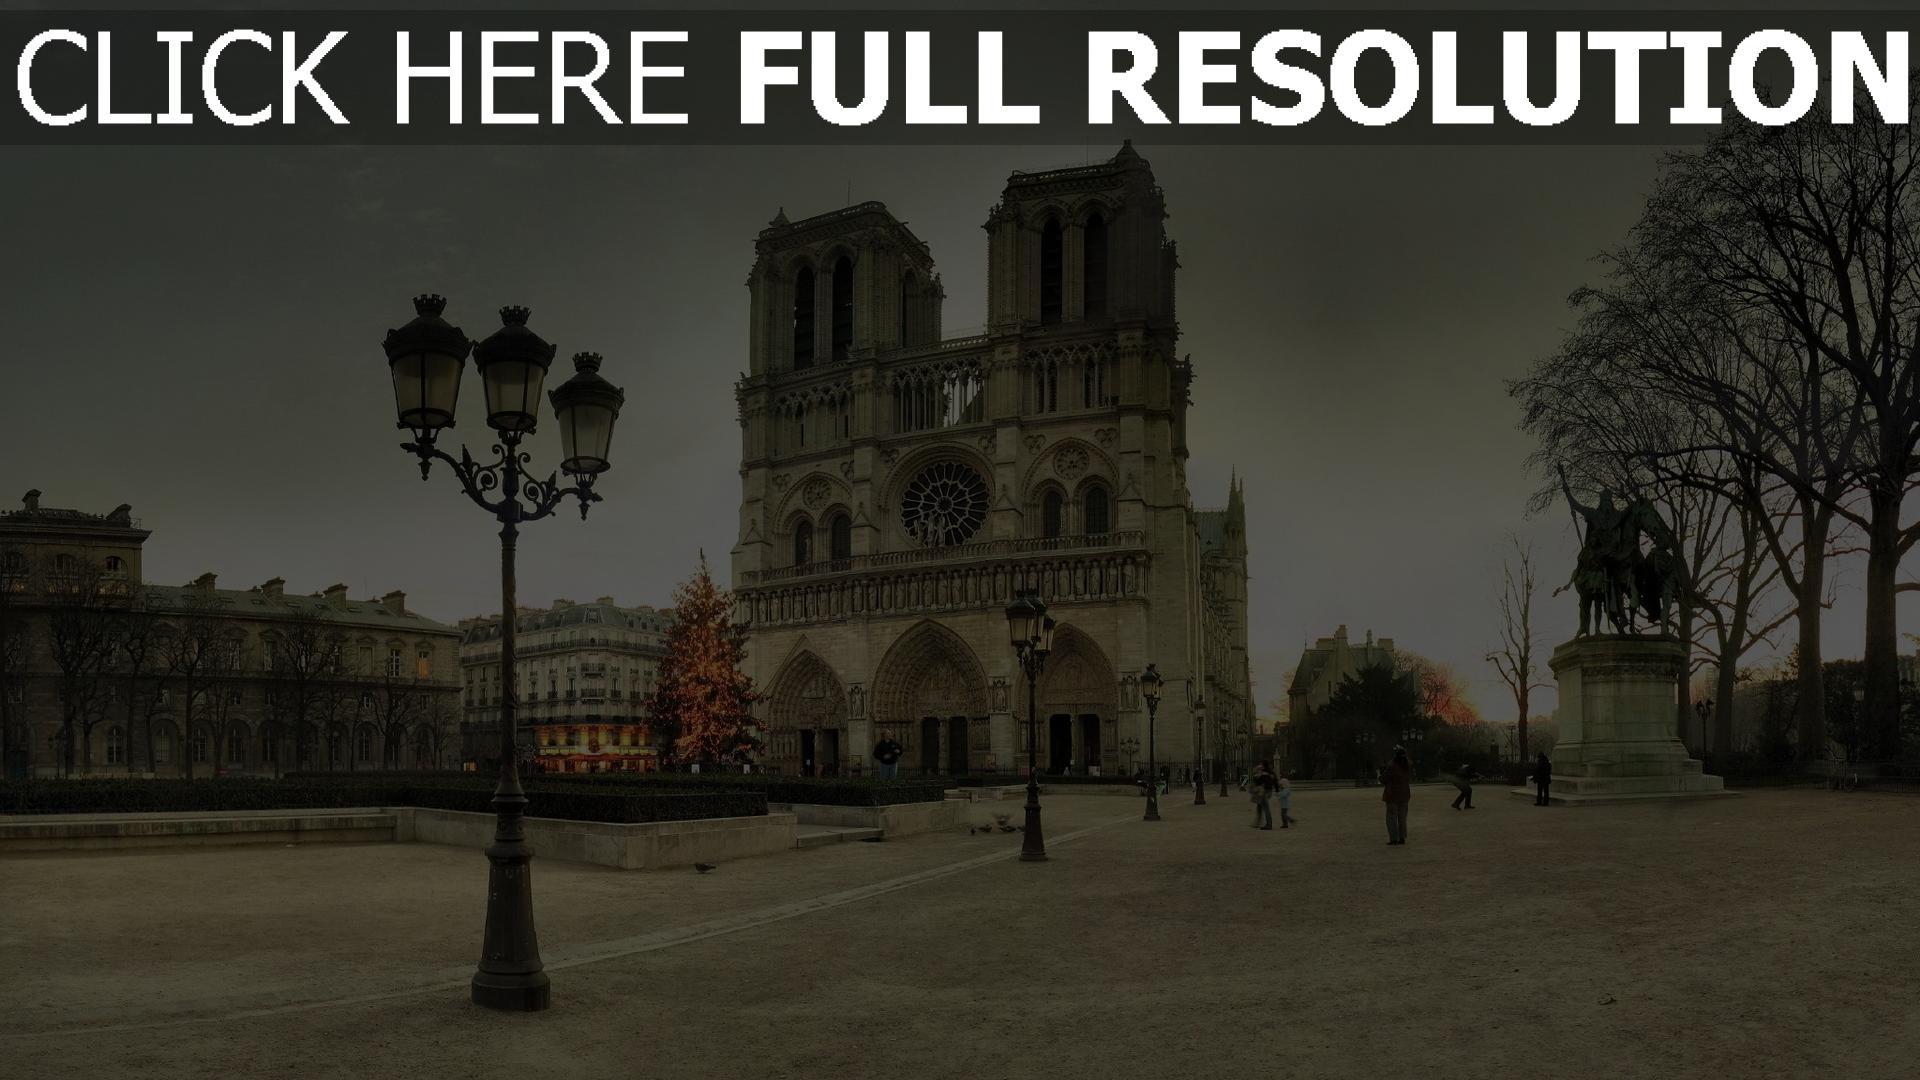 Télécharger 1920x1080 Full Hd Fond Décran Notre Dame De Paris